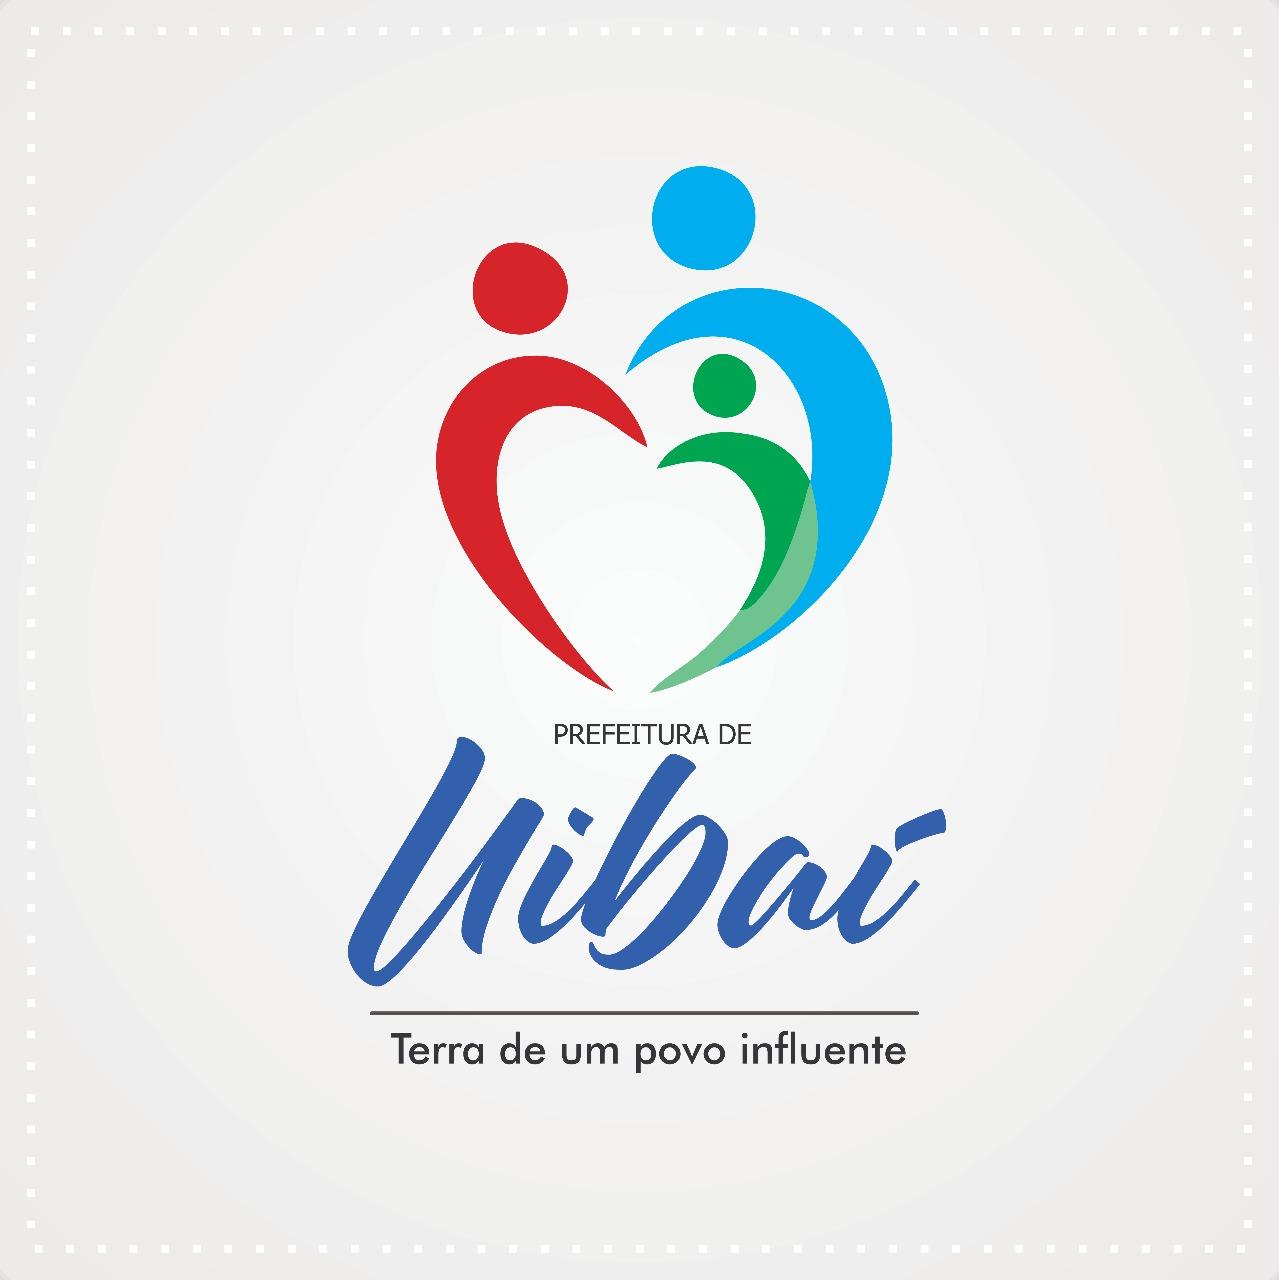 Uiba-lana-nova-identidade-visual-e-cria-canal-de-Comunicao-no-Facebook